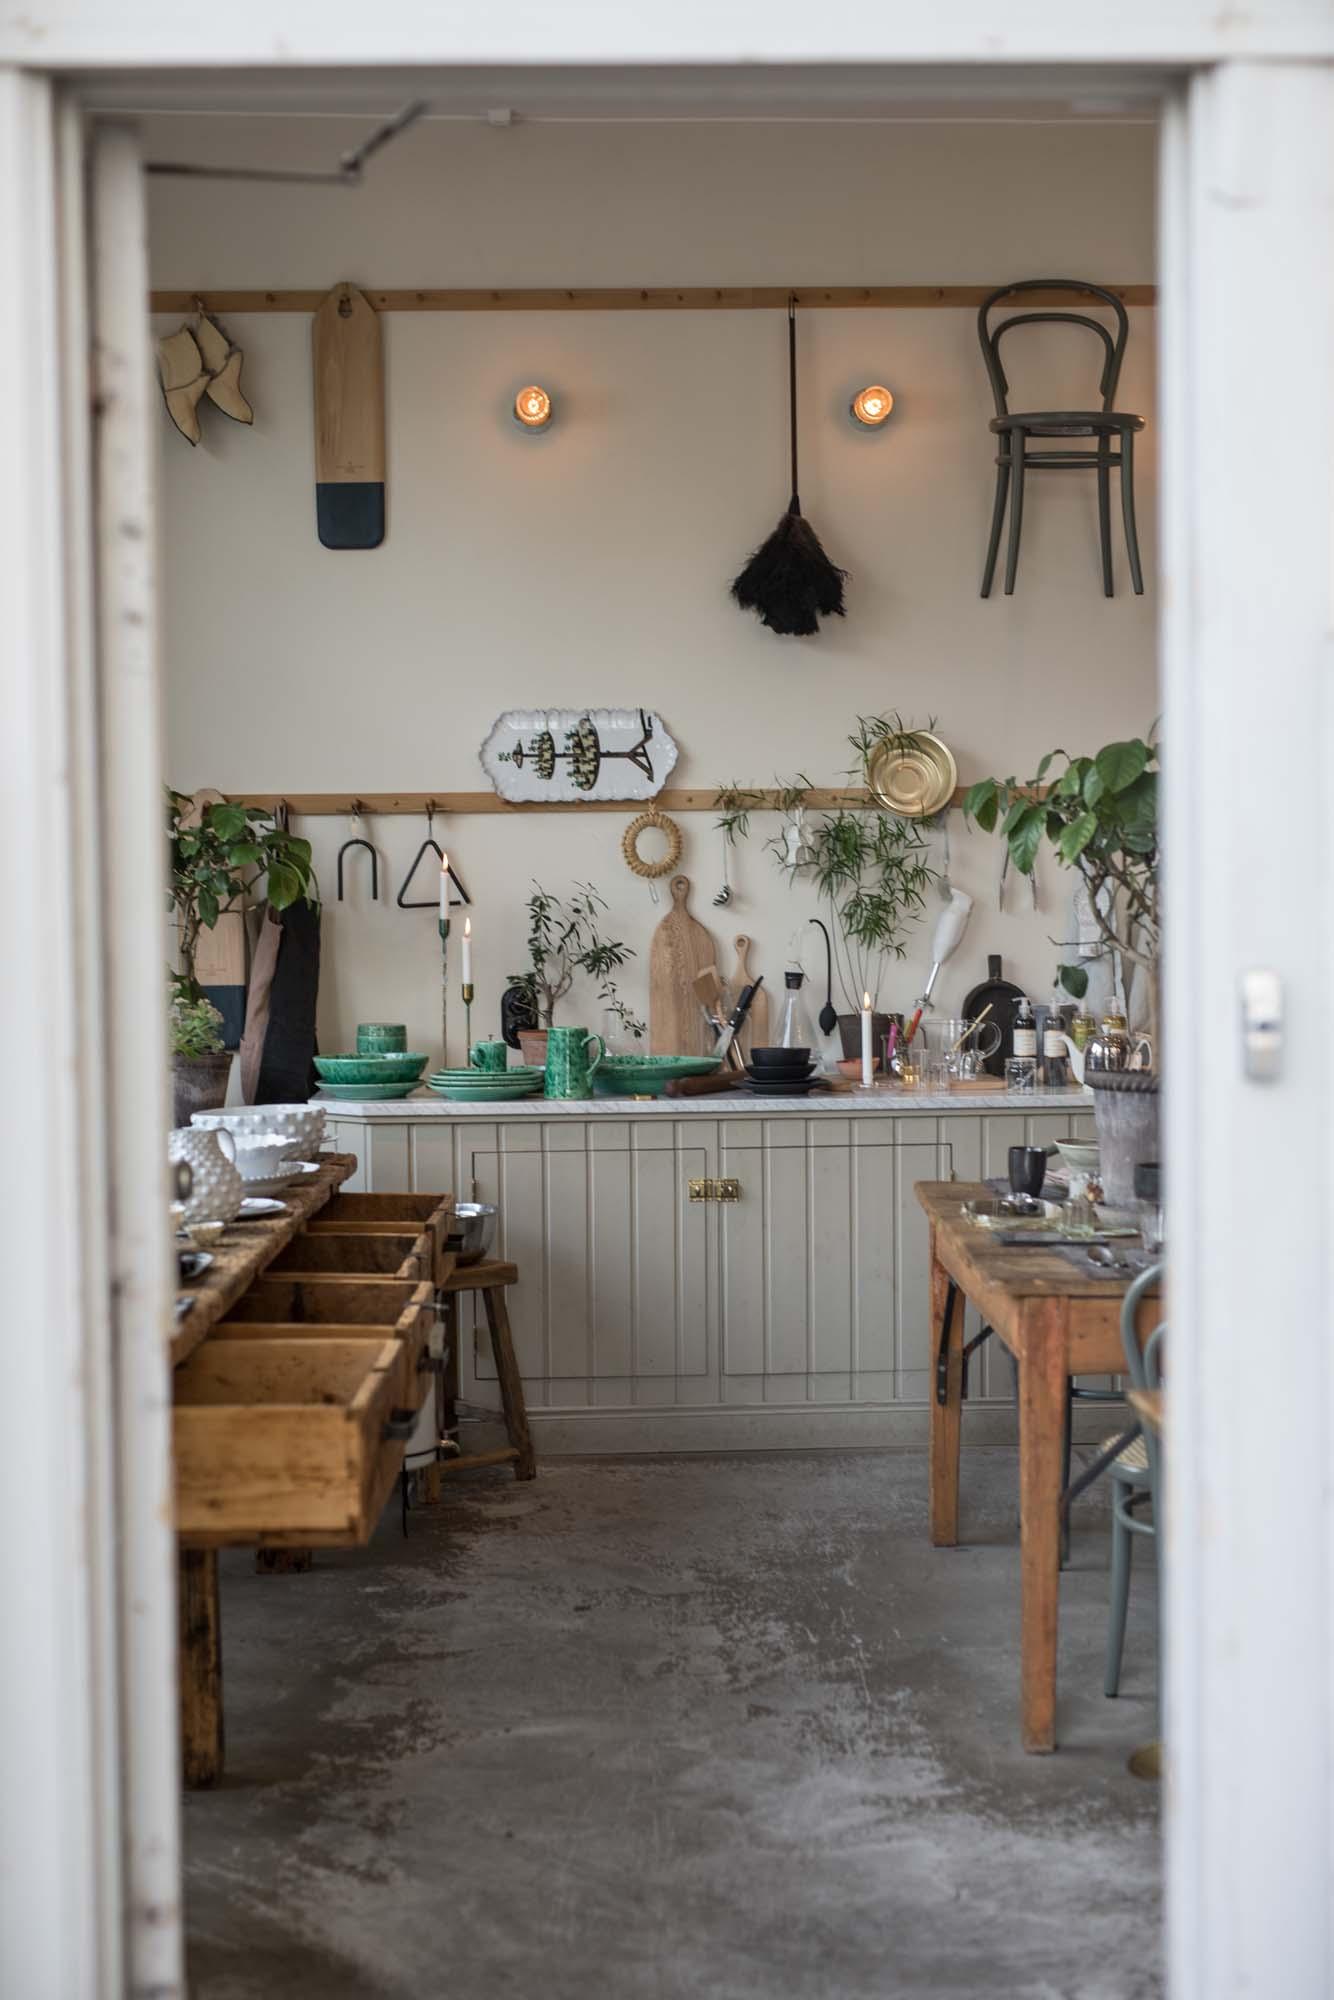 Artilleriet, The Kitchen